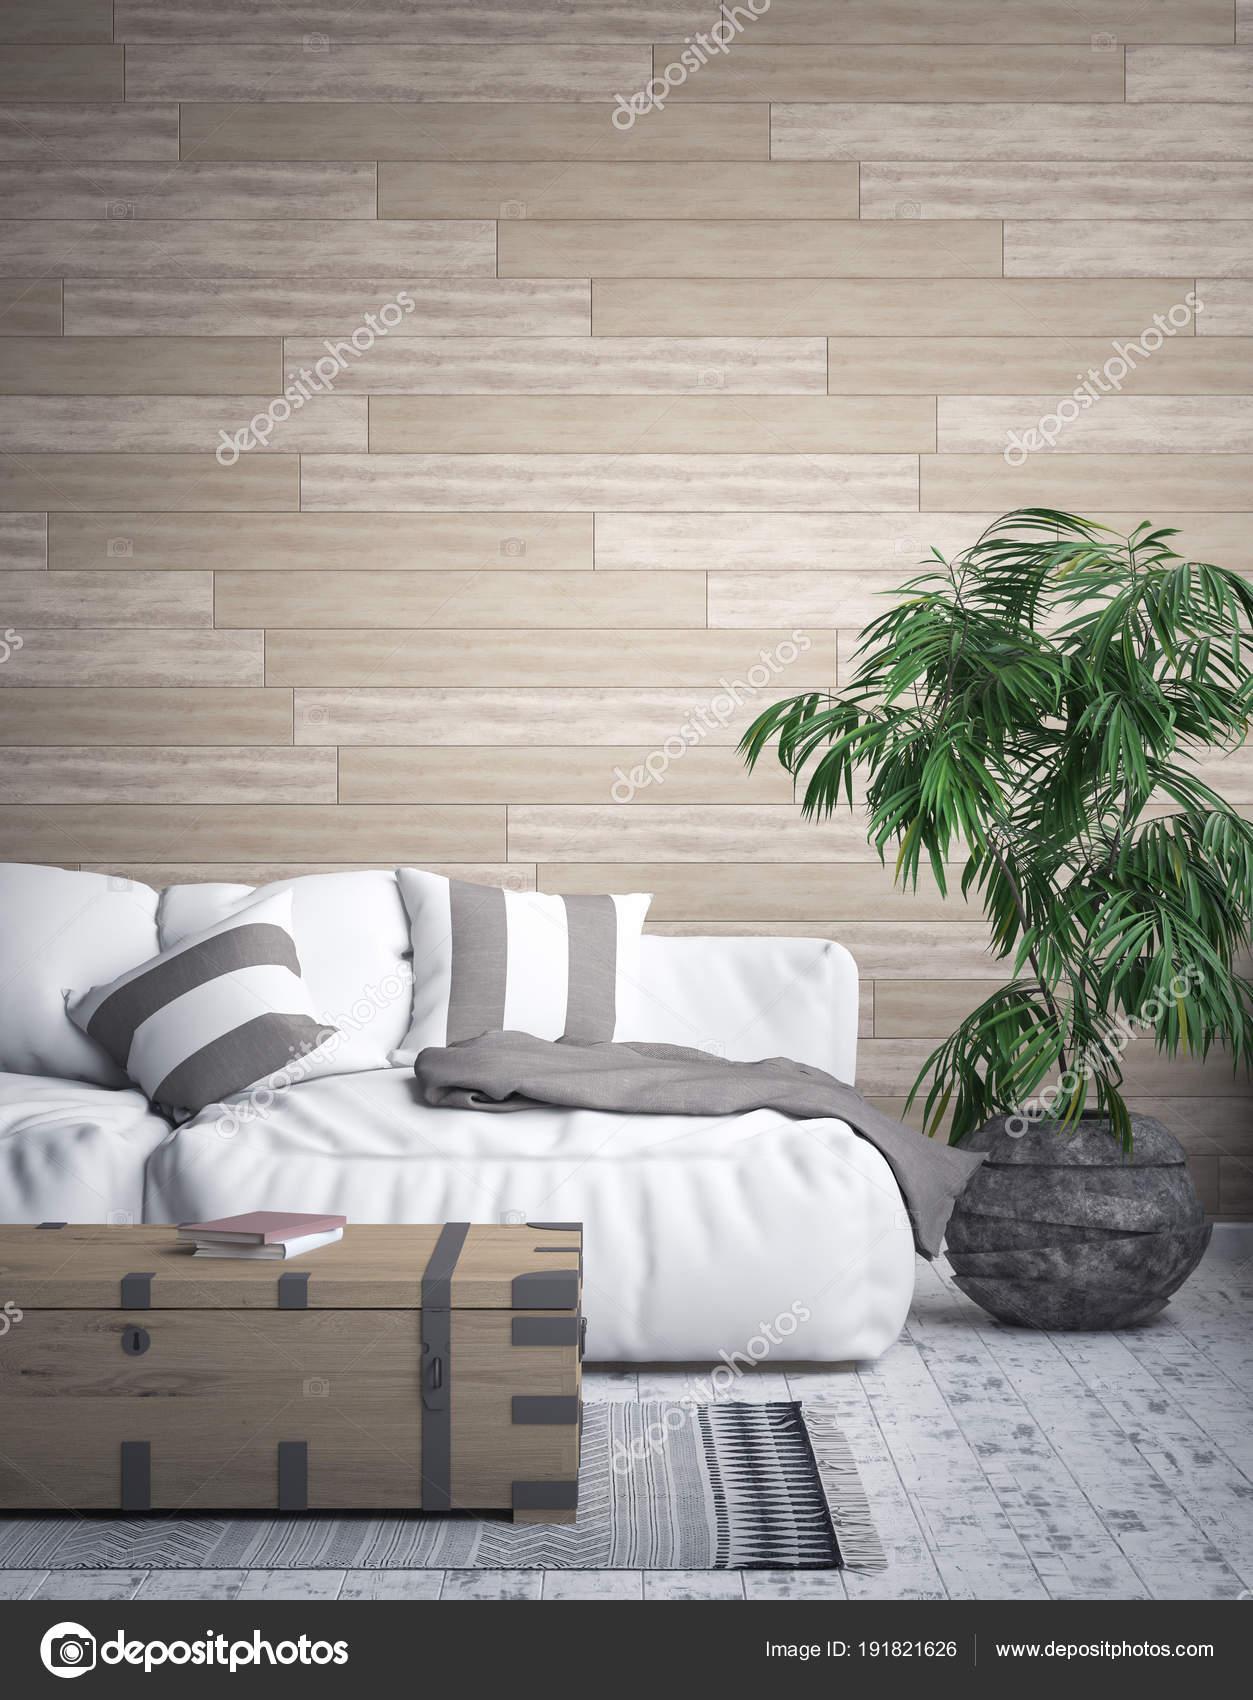 Tropisch Interieur Achtergrond Render — Stockfoto © Artjafara #191821626